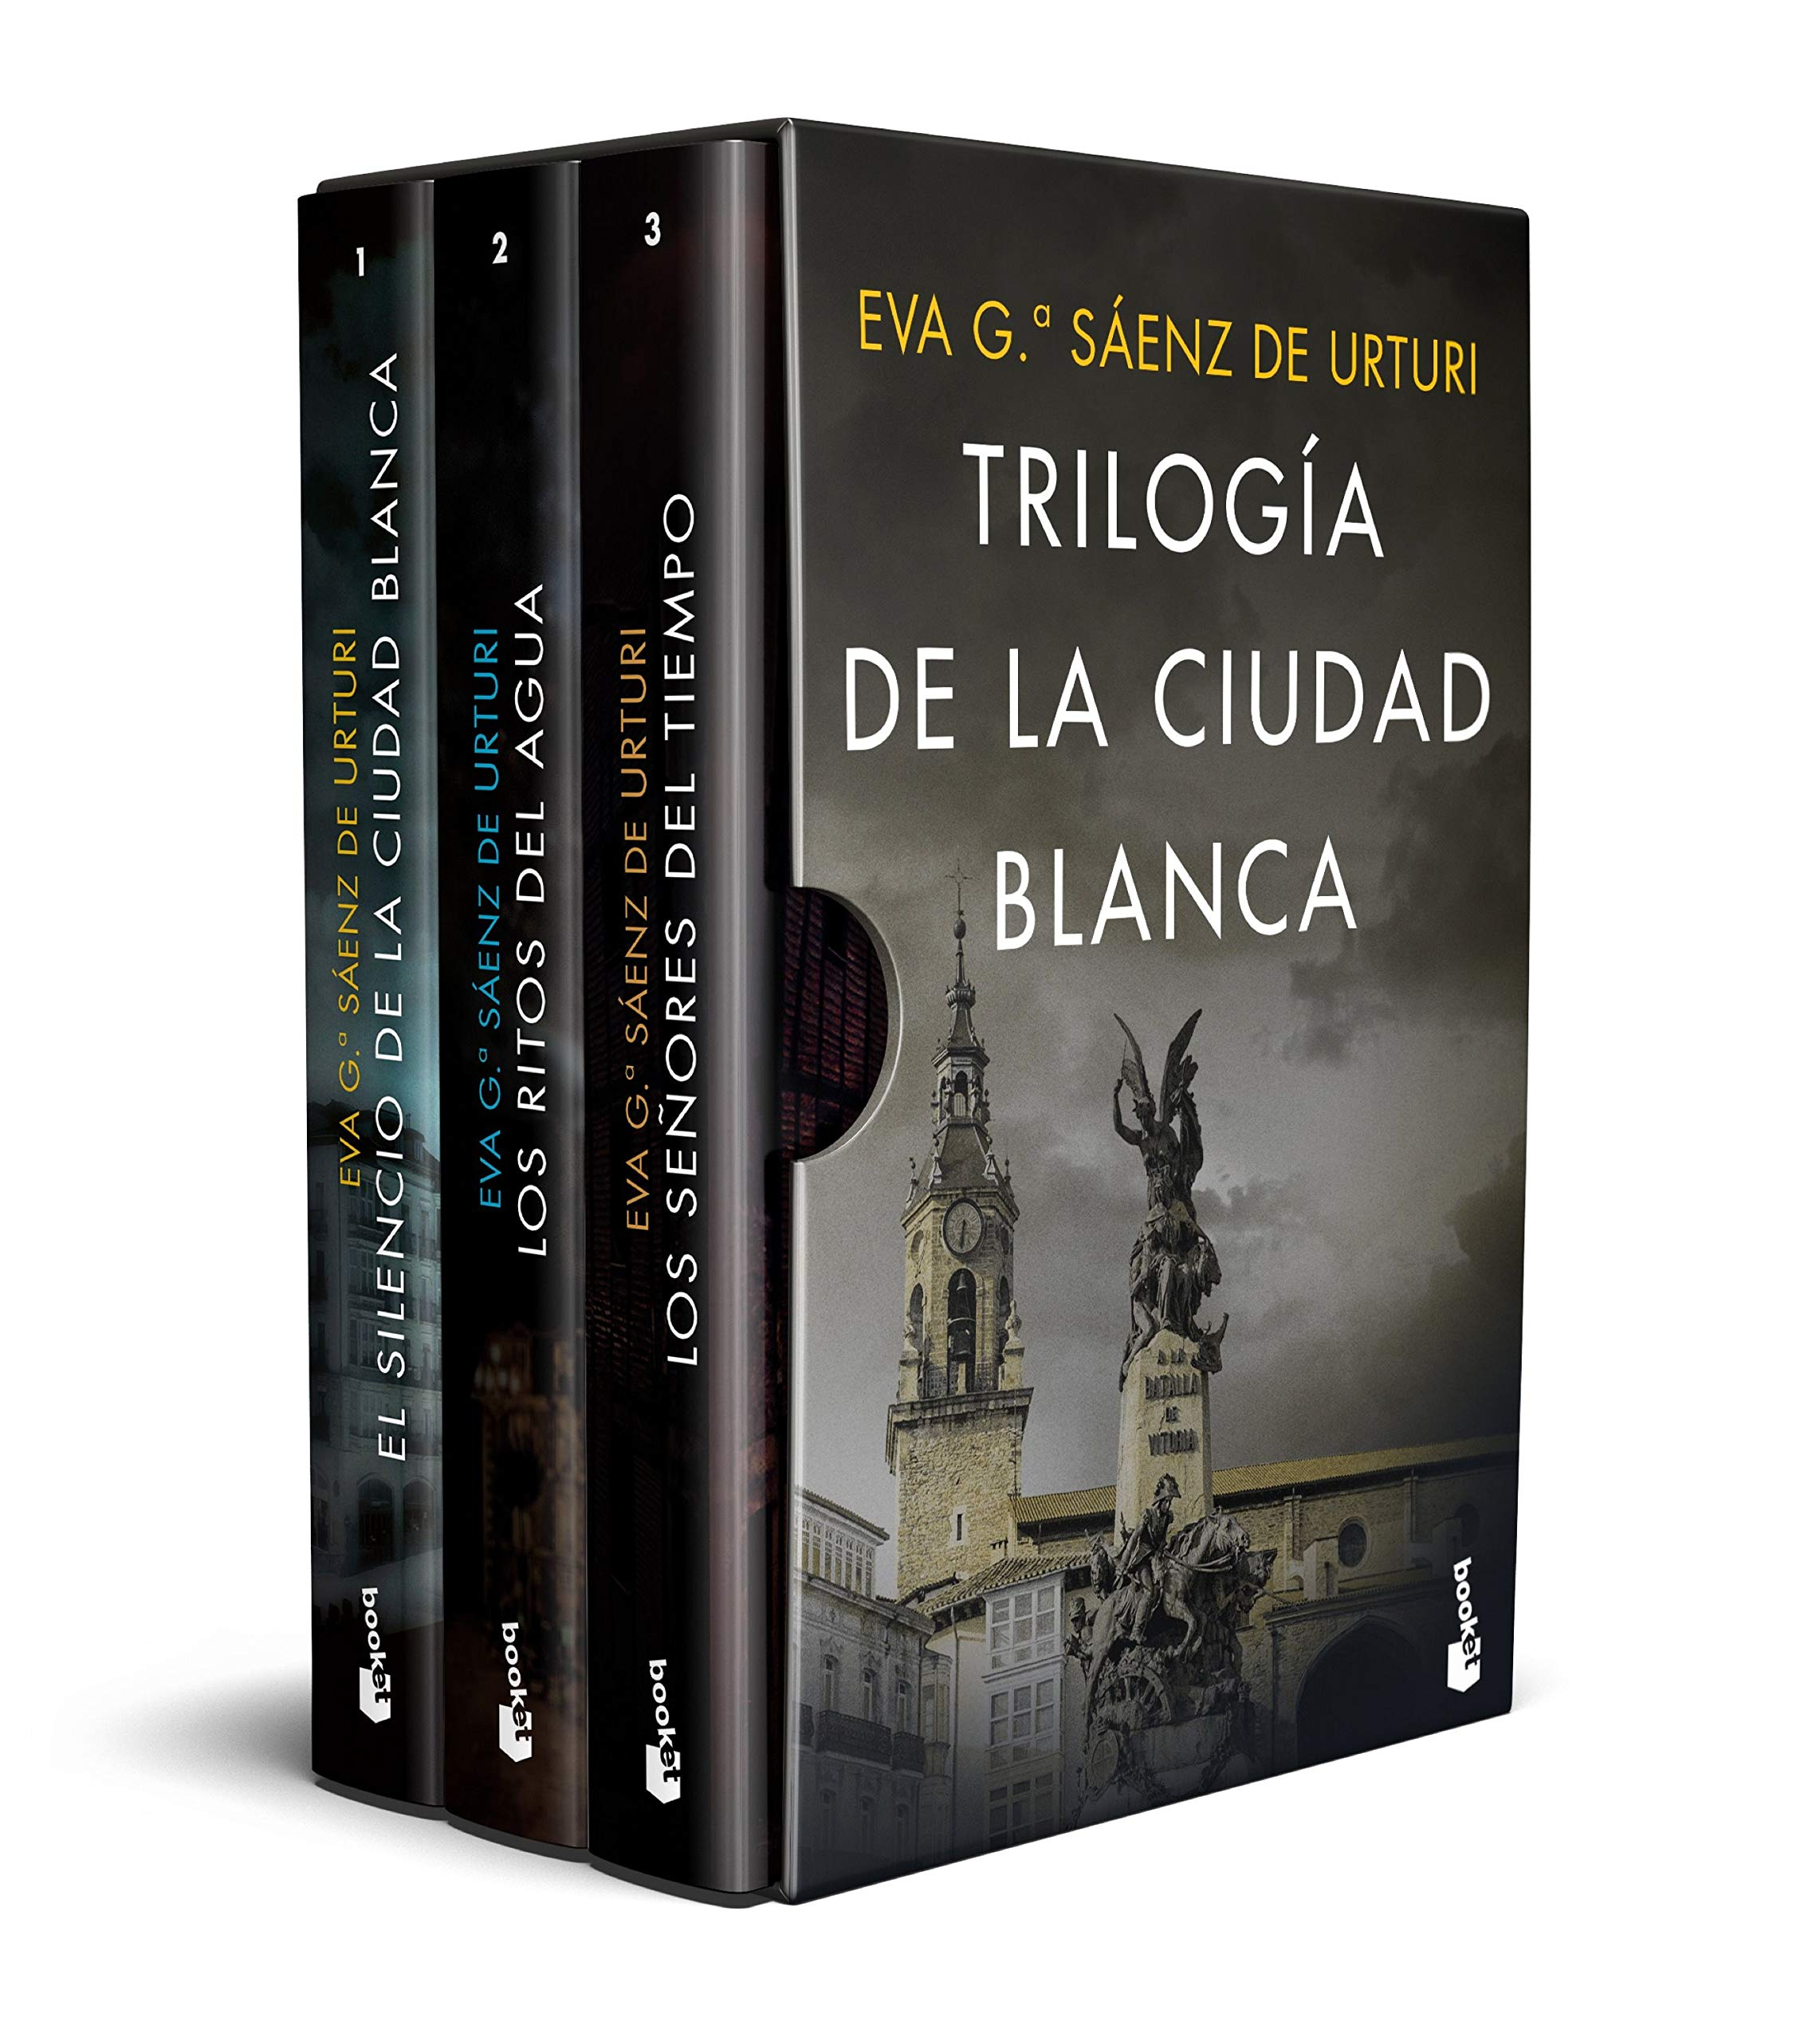 Estuche Trilogía de la ciudad blanca Crimen y Misterio: Amazon.es ...